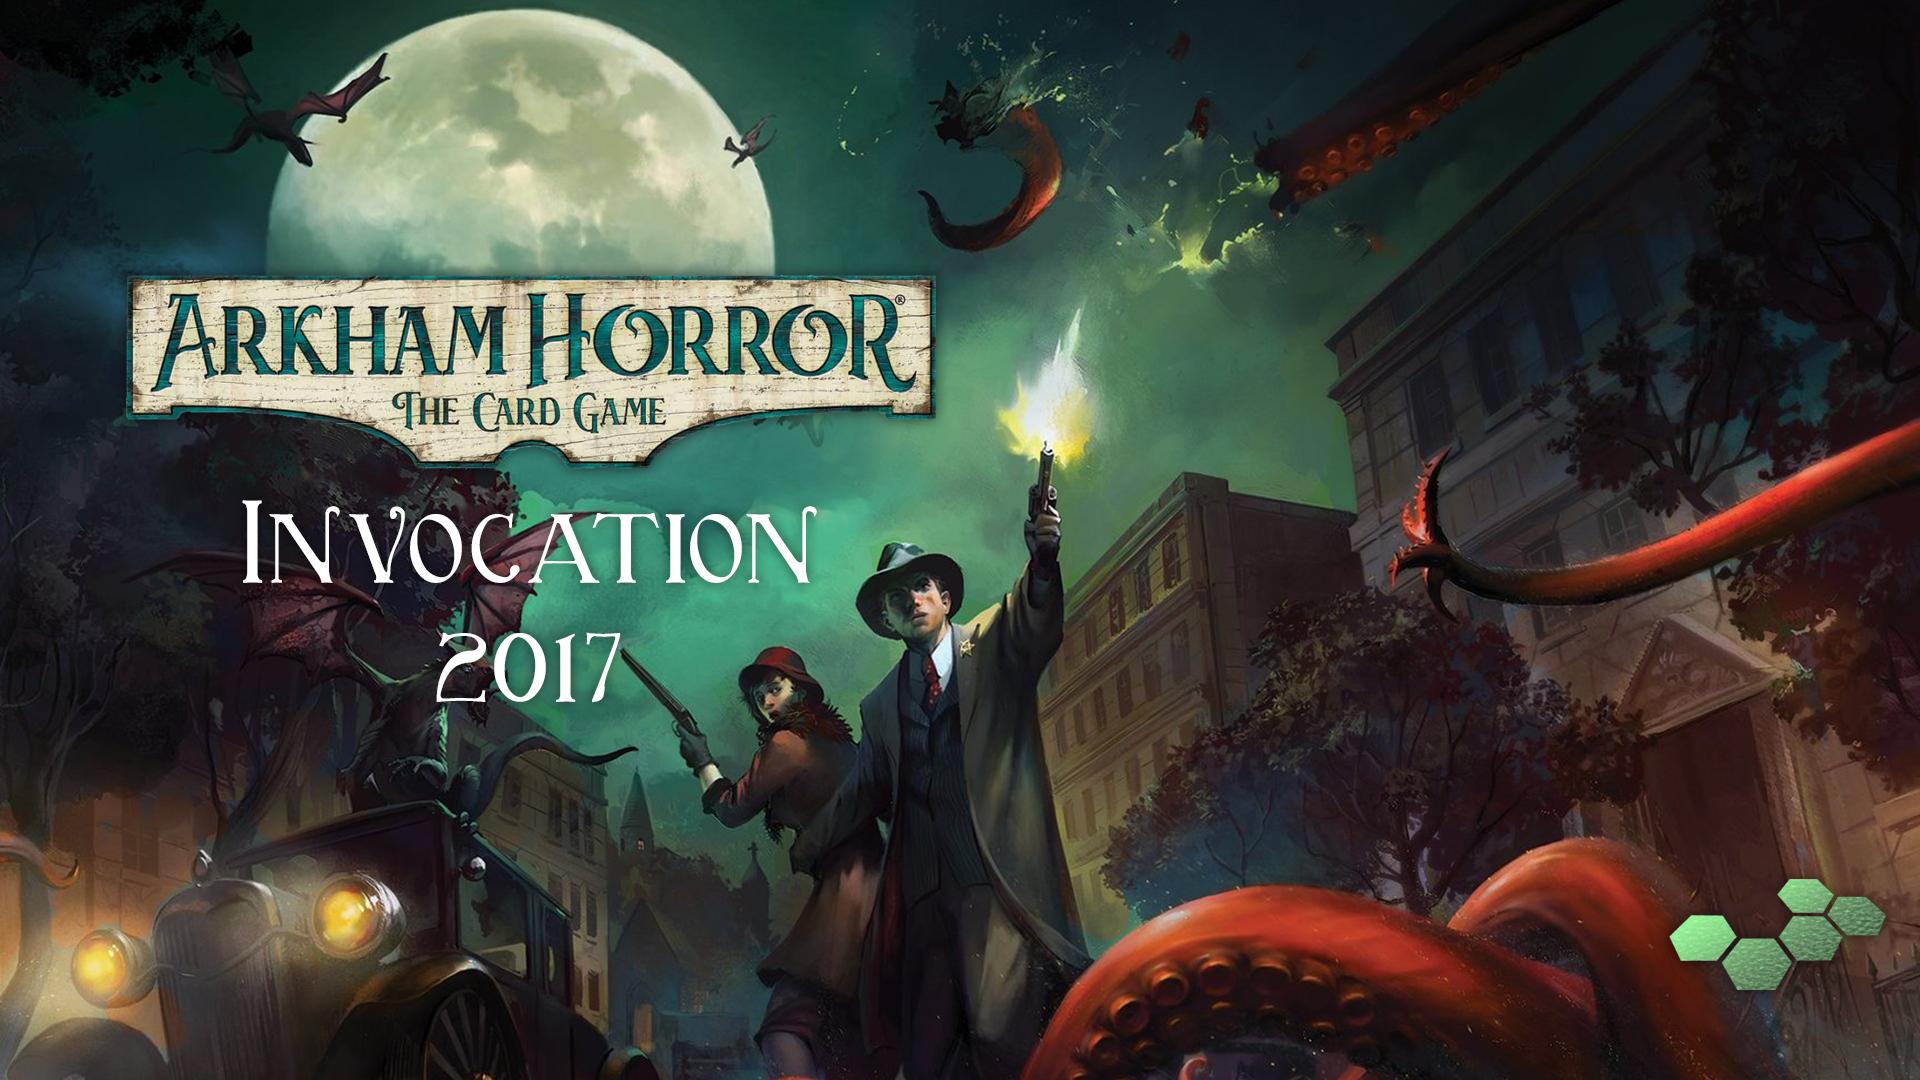 Arkham Horror Invocation 2017 Event Image.png